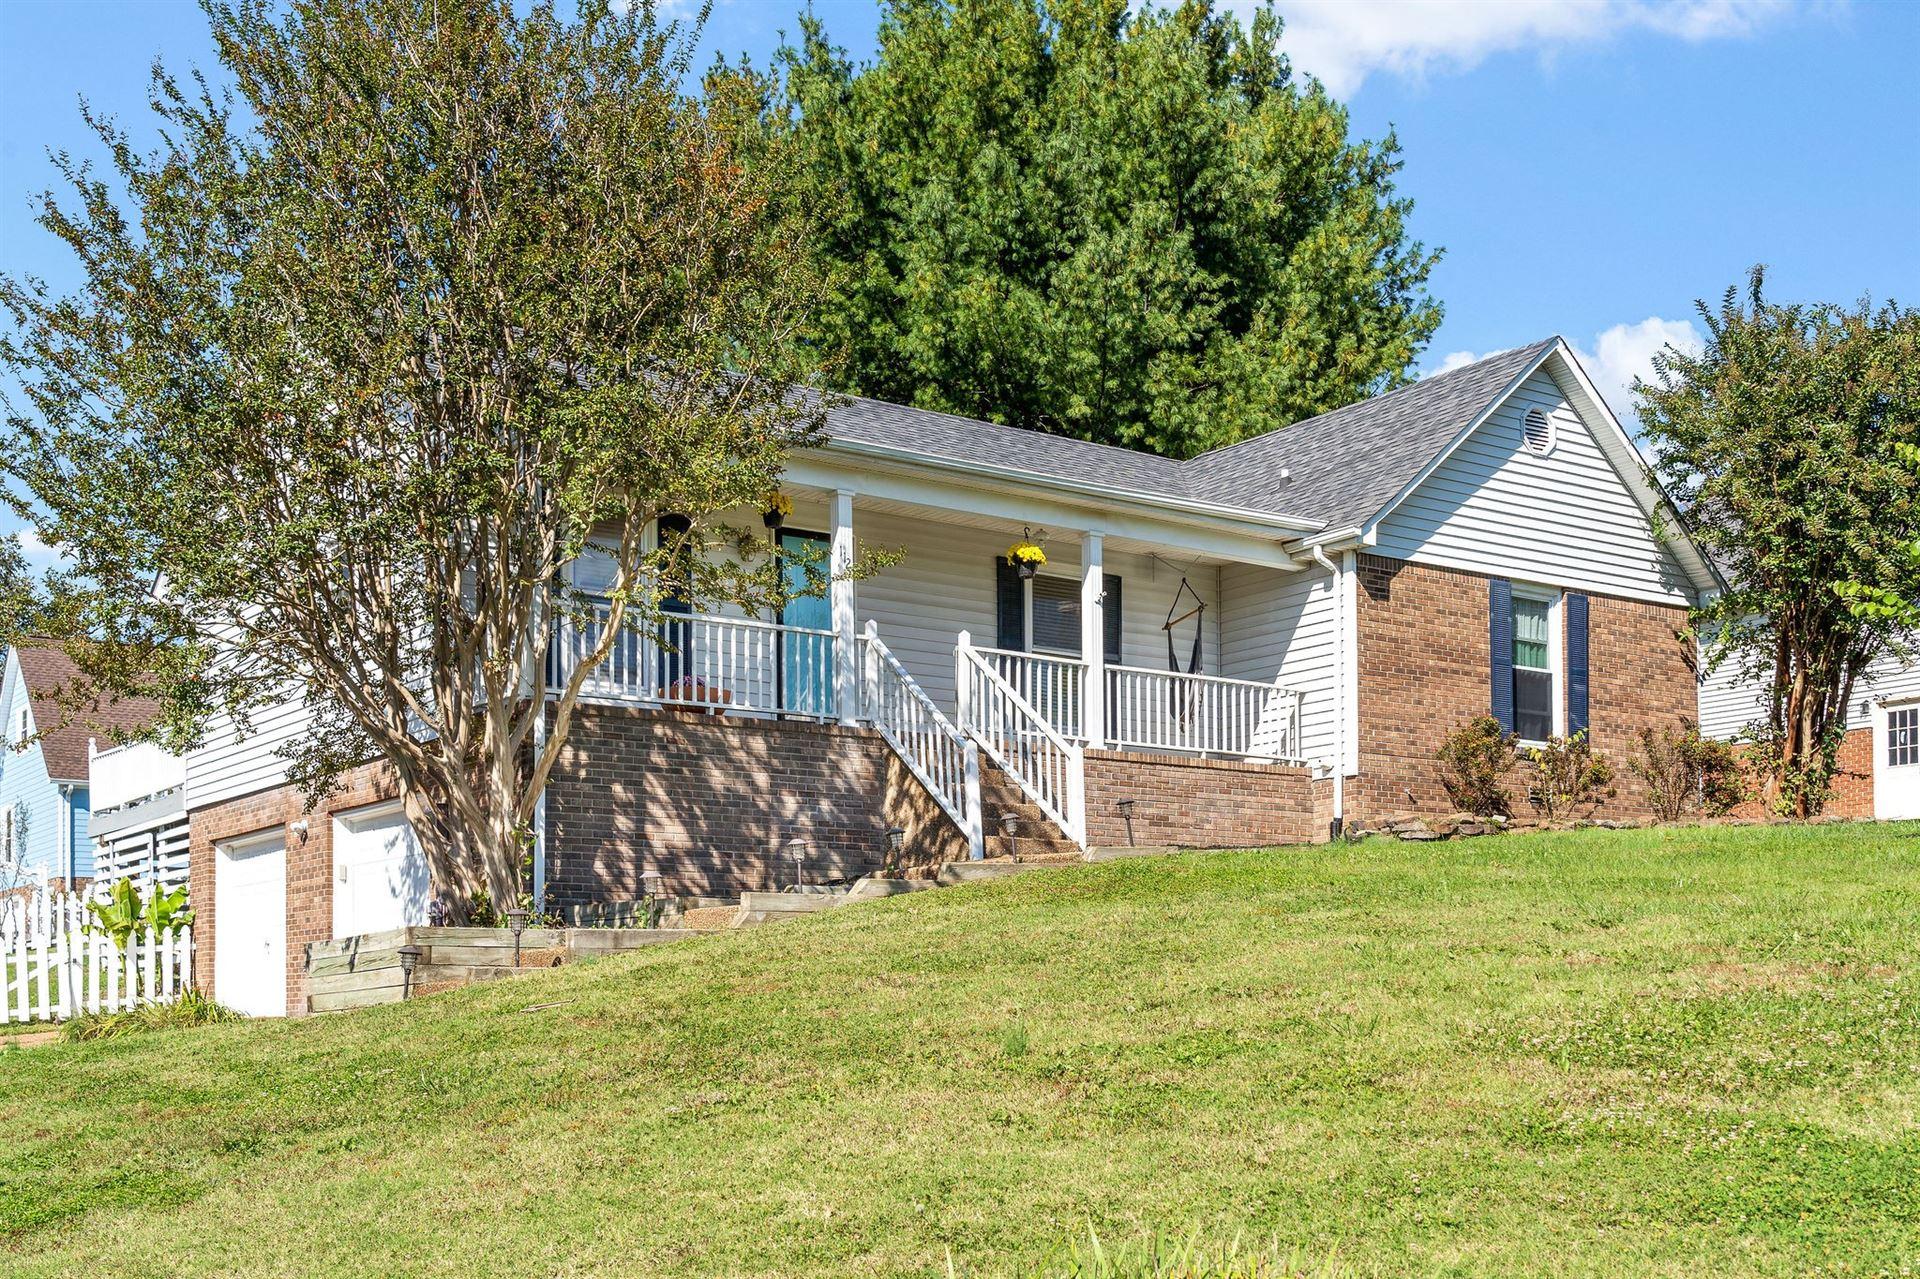 Photo of 112 Turnbrook Ct, Franklin, TN 37064 (MLS # 2303687)